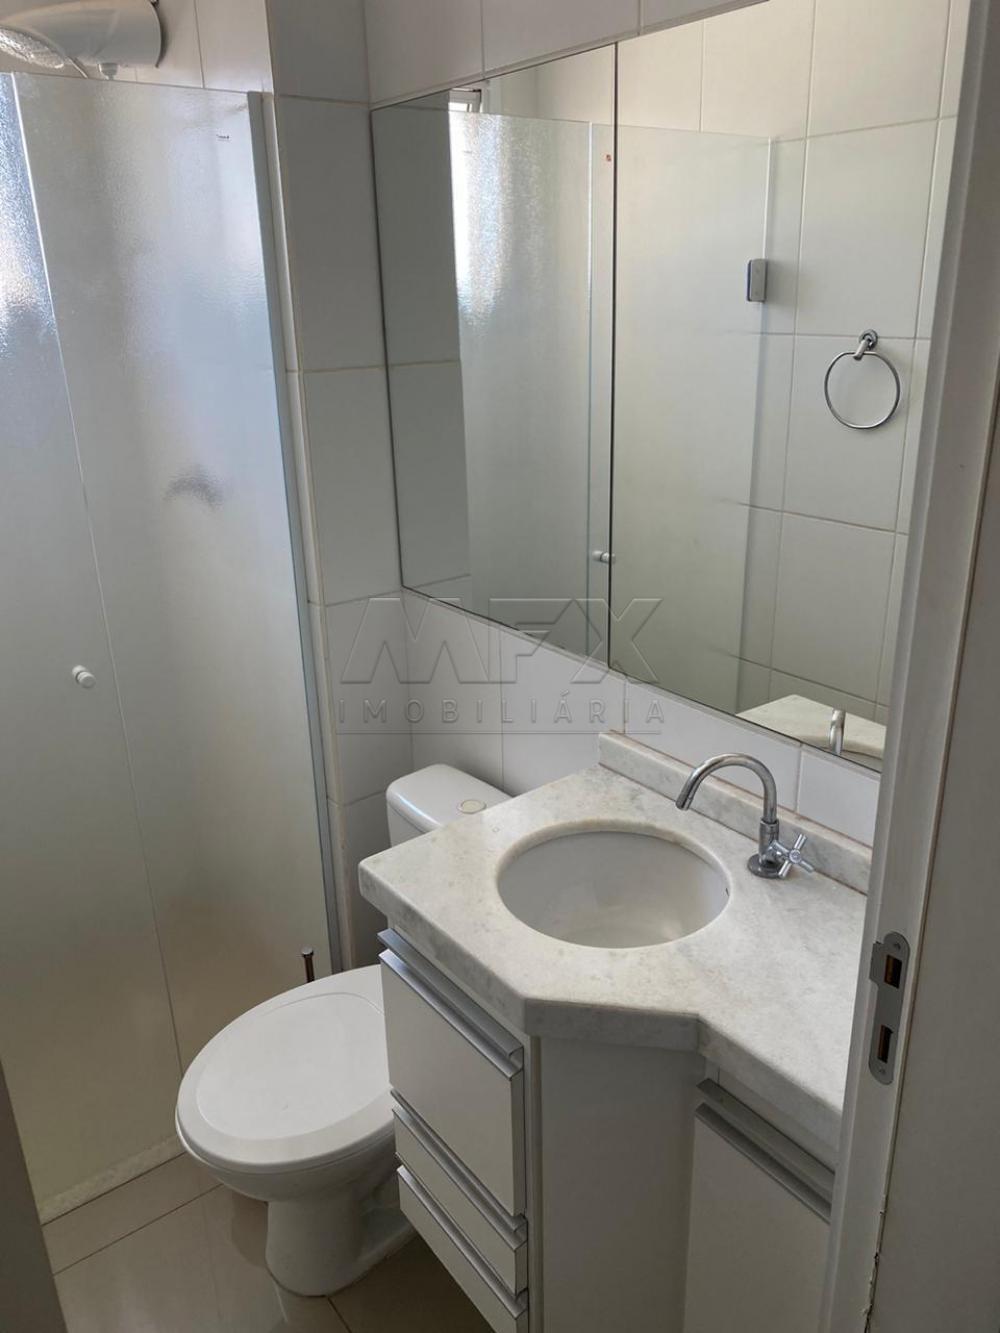 Alugar Apartamento / Padrão em Bauru apenas R$ 1.300,00 - Foto 7